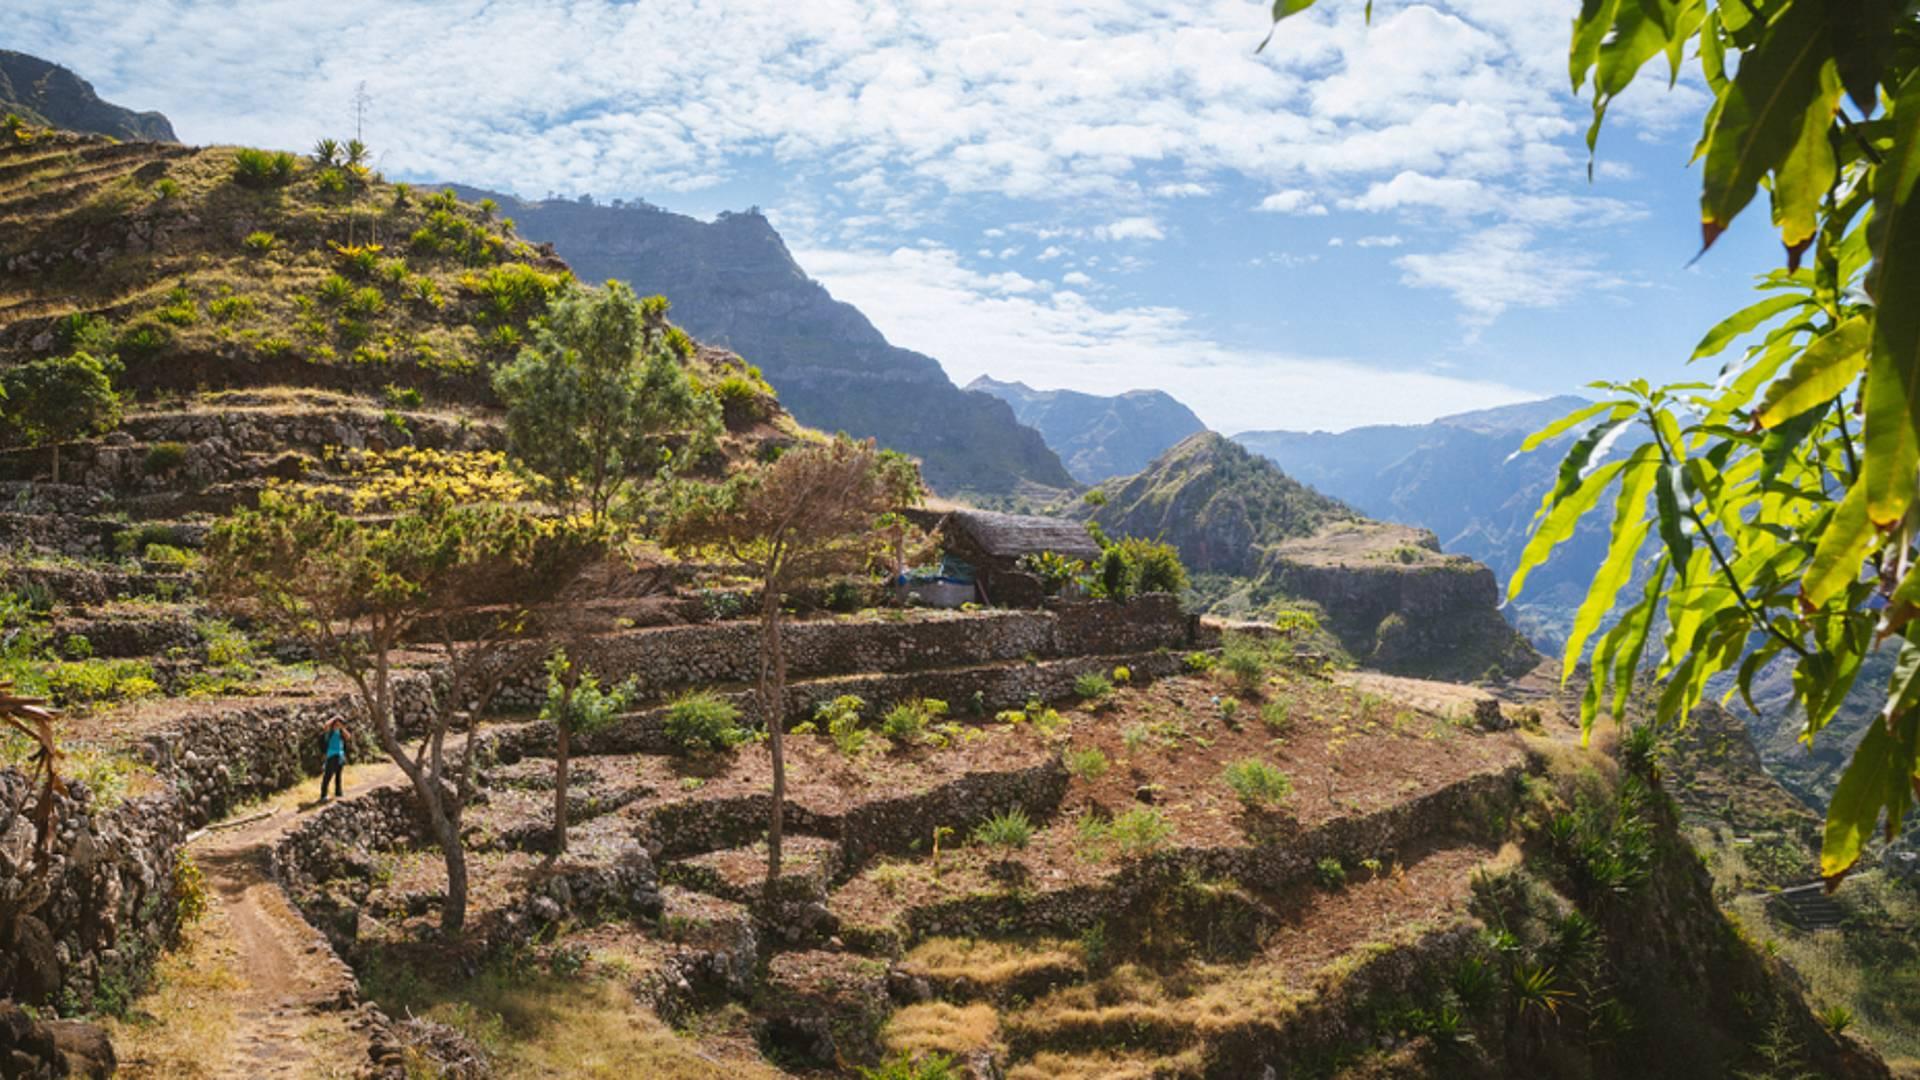 Fogo et Santo Antâo, paysages mythiques